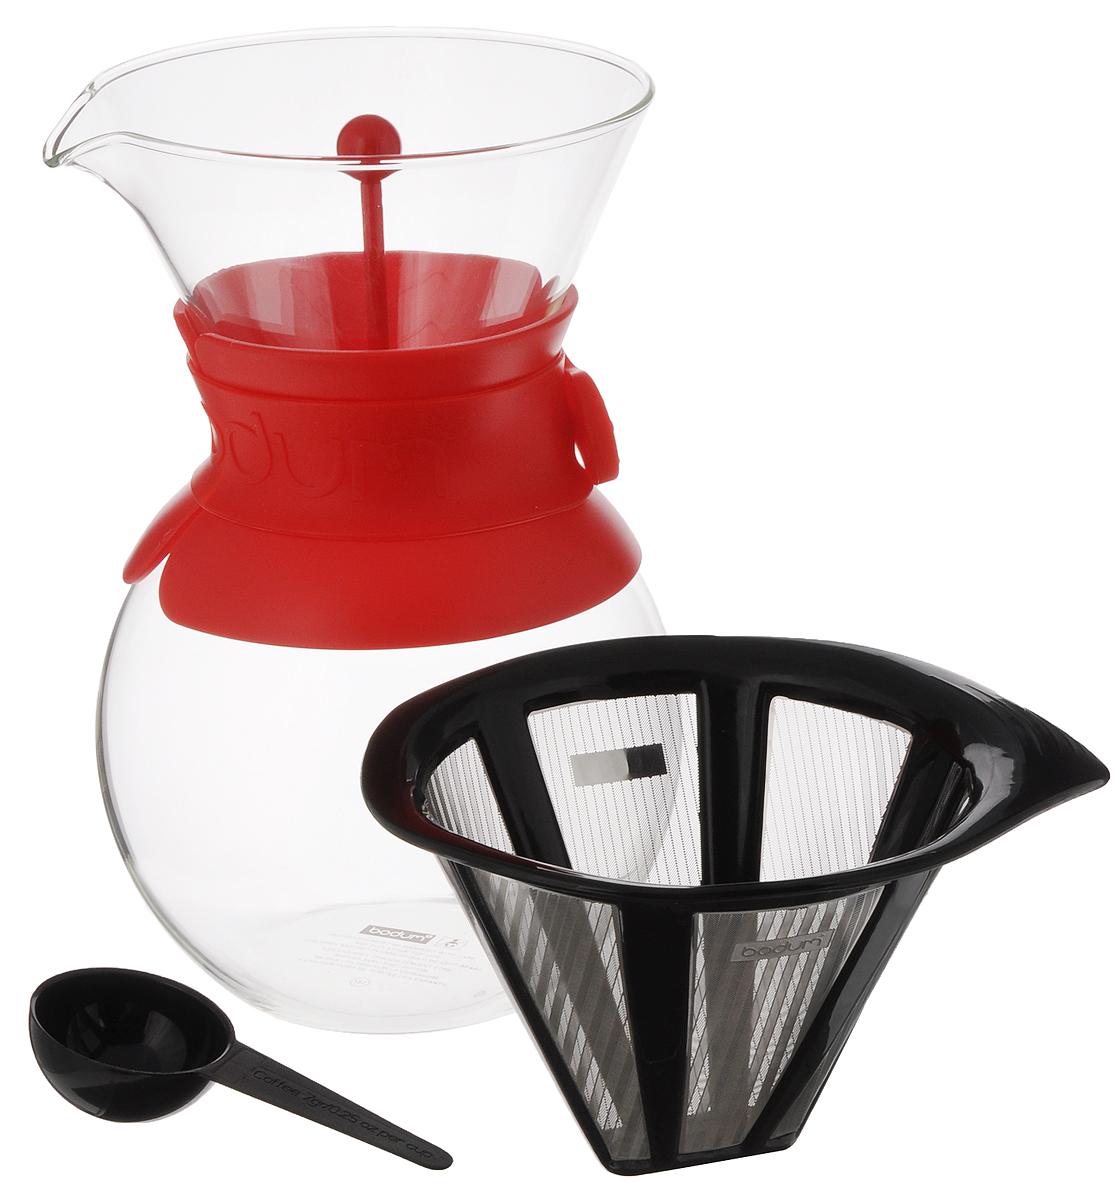 Кофейник Bodum Pour Over, с фильтром и мерной ложкой, цвет: прозрачный, красный, 1 л11571-294Кофейник с фильтром Bodum Pour Over предназначен для заваривания кофе. Изделие изготовлено из боросиликатного термостойкого стекла, снабжено специальной пластиковой вставкой с силиконовым ремешком, чтобы не обжечь руки. Фильтр выполнен из пластика с сеткой из коррозионностойкой стали. Кофейник очень прост в использовании. Заполните воронку молотым кофе, предназначенным для приготовления капельным способом. Медленно вливайте горячую воду, дайте воде просочиться сквозь кофе, готовый кофе будет капать в емкость. В комплекте предусмотрена специальная мерная ложечка на 7 грамм кофе. Диаметр емкости (по верхнему краю): 12 см. Высота емкости (без учета крышки): 21 см. Размер фильтра: 17 х 13,5 х 10 см. Длина ложки: 10 см.